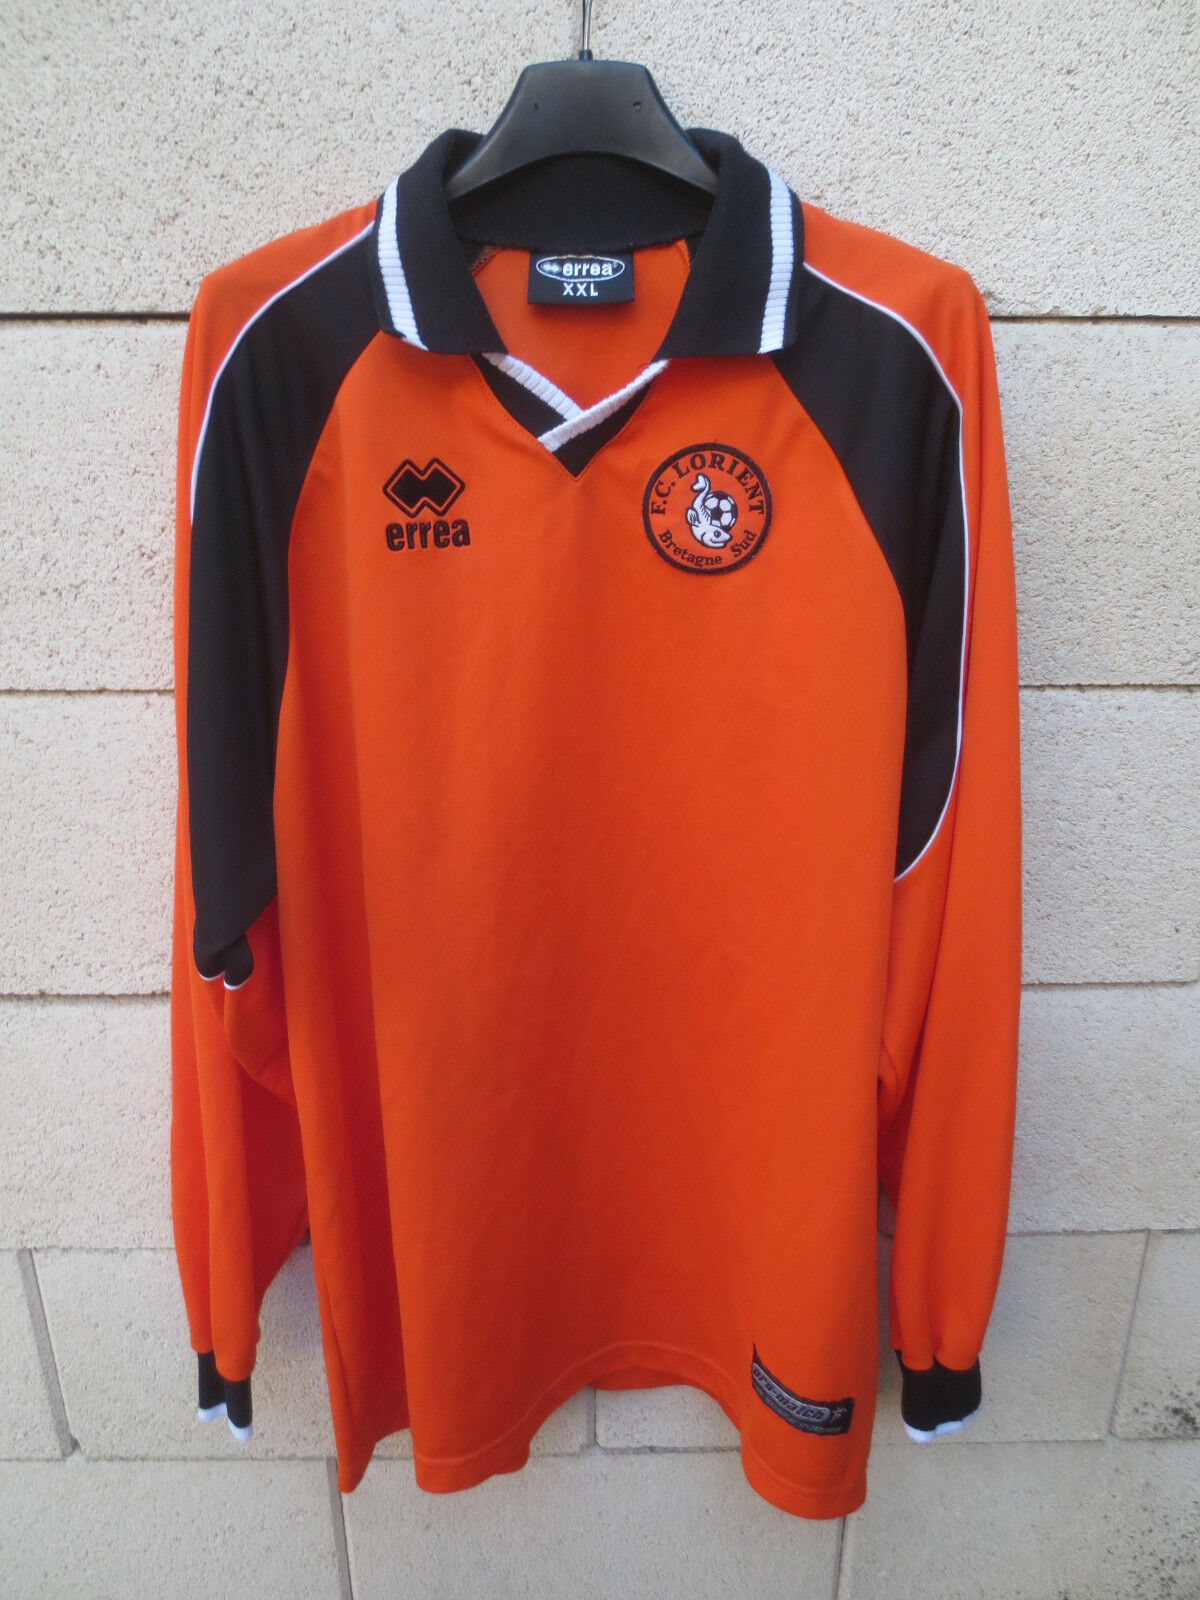 Maillot F.C LORIENT vintage ERREA shirt no sponsor GOURCUFF manches longues XXL